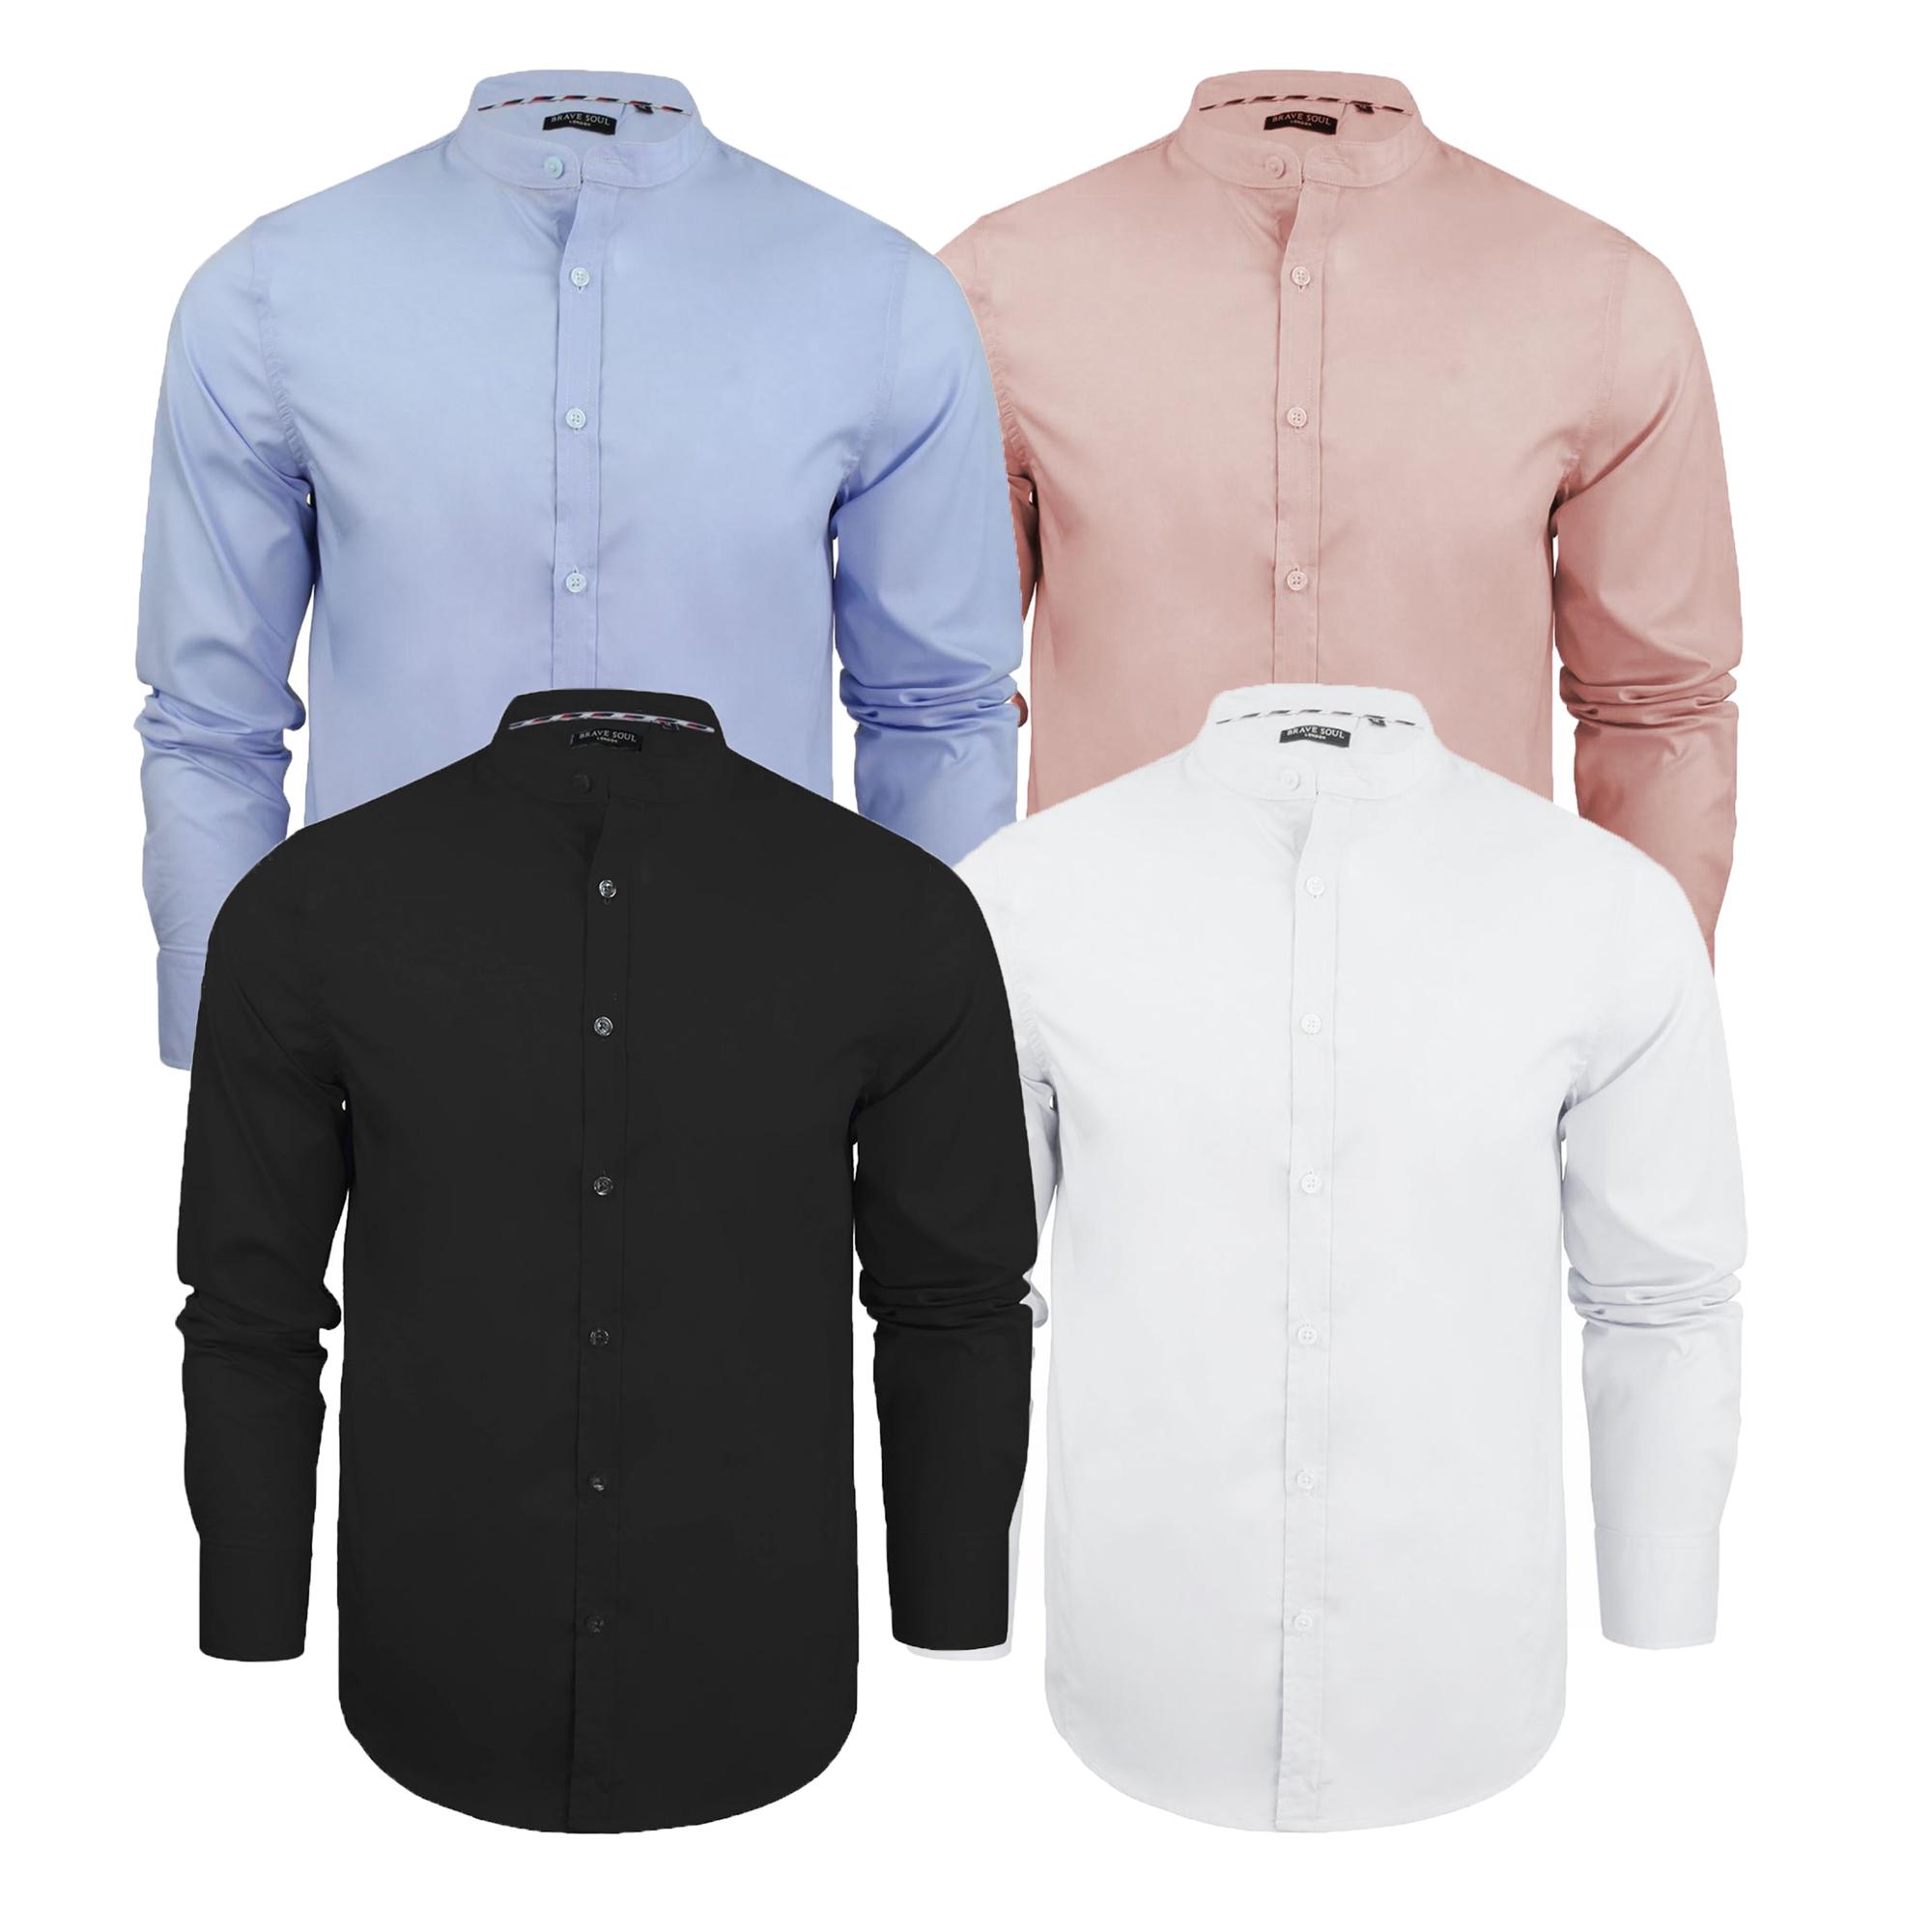 d7cbf2469 Detalles de Camisas lisas, alma valiente para hombre de manga larga Grandad  Collar Botón Moda Informal- ver título original